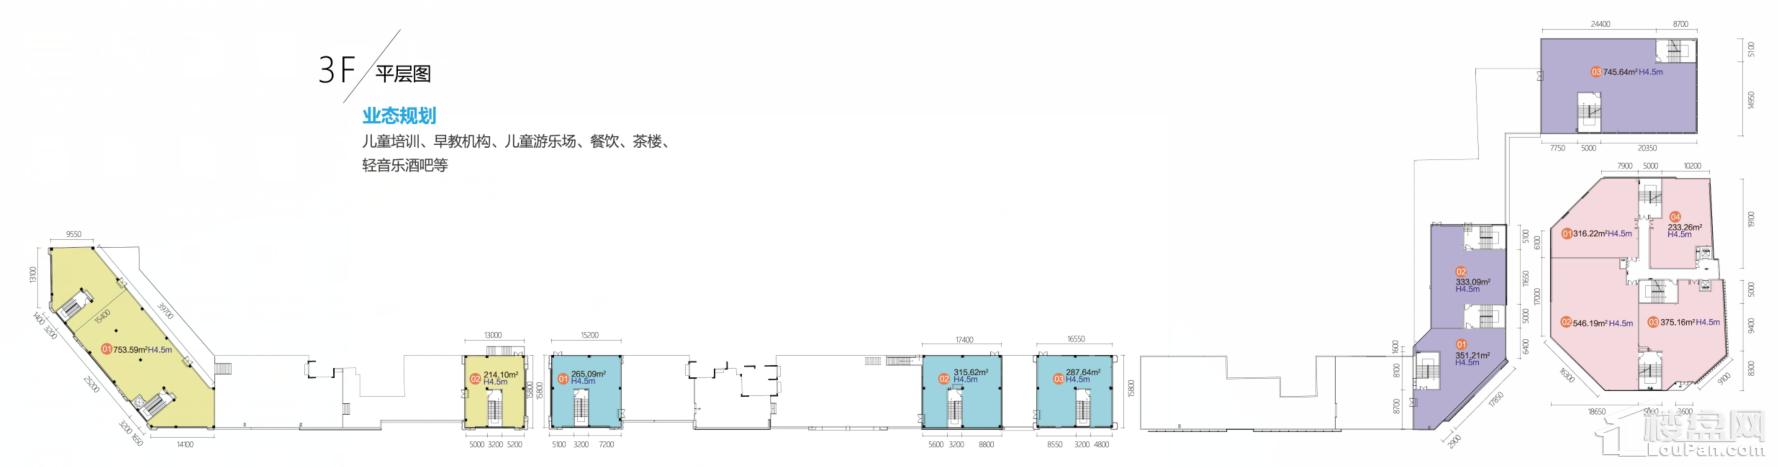 商业3F平面图